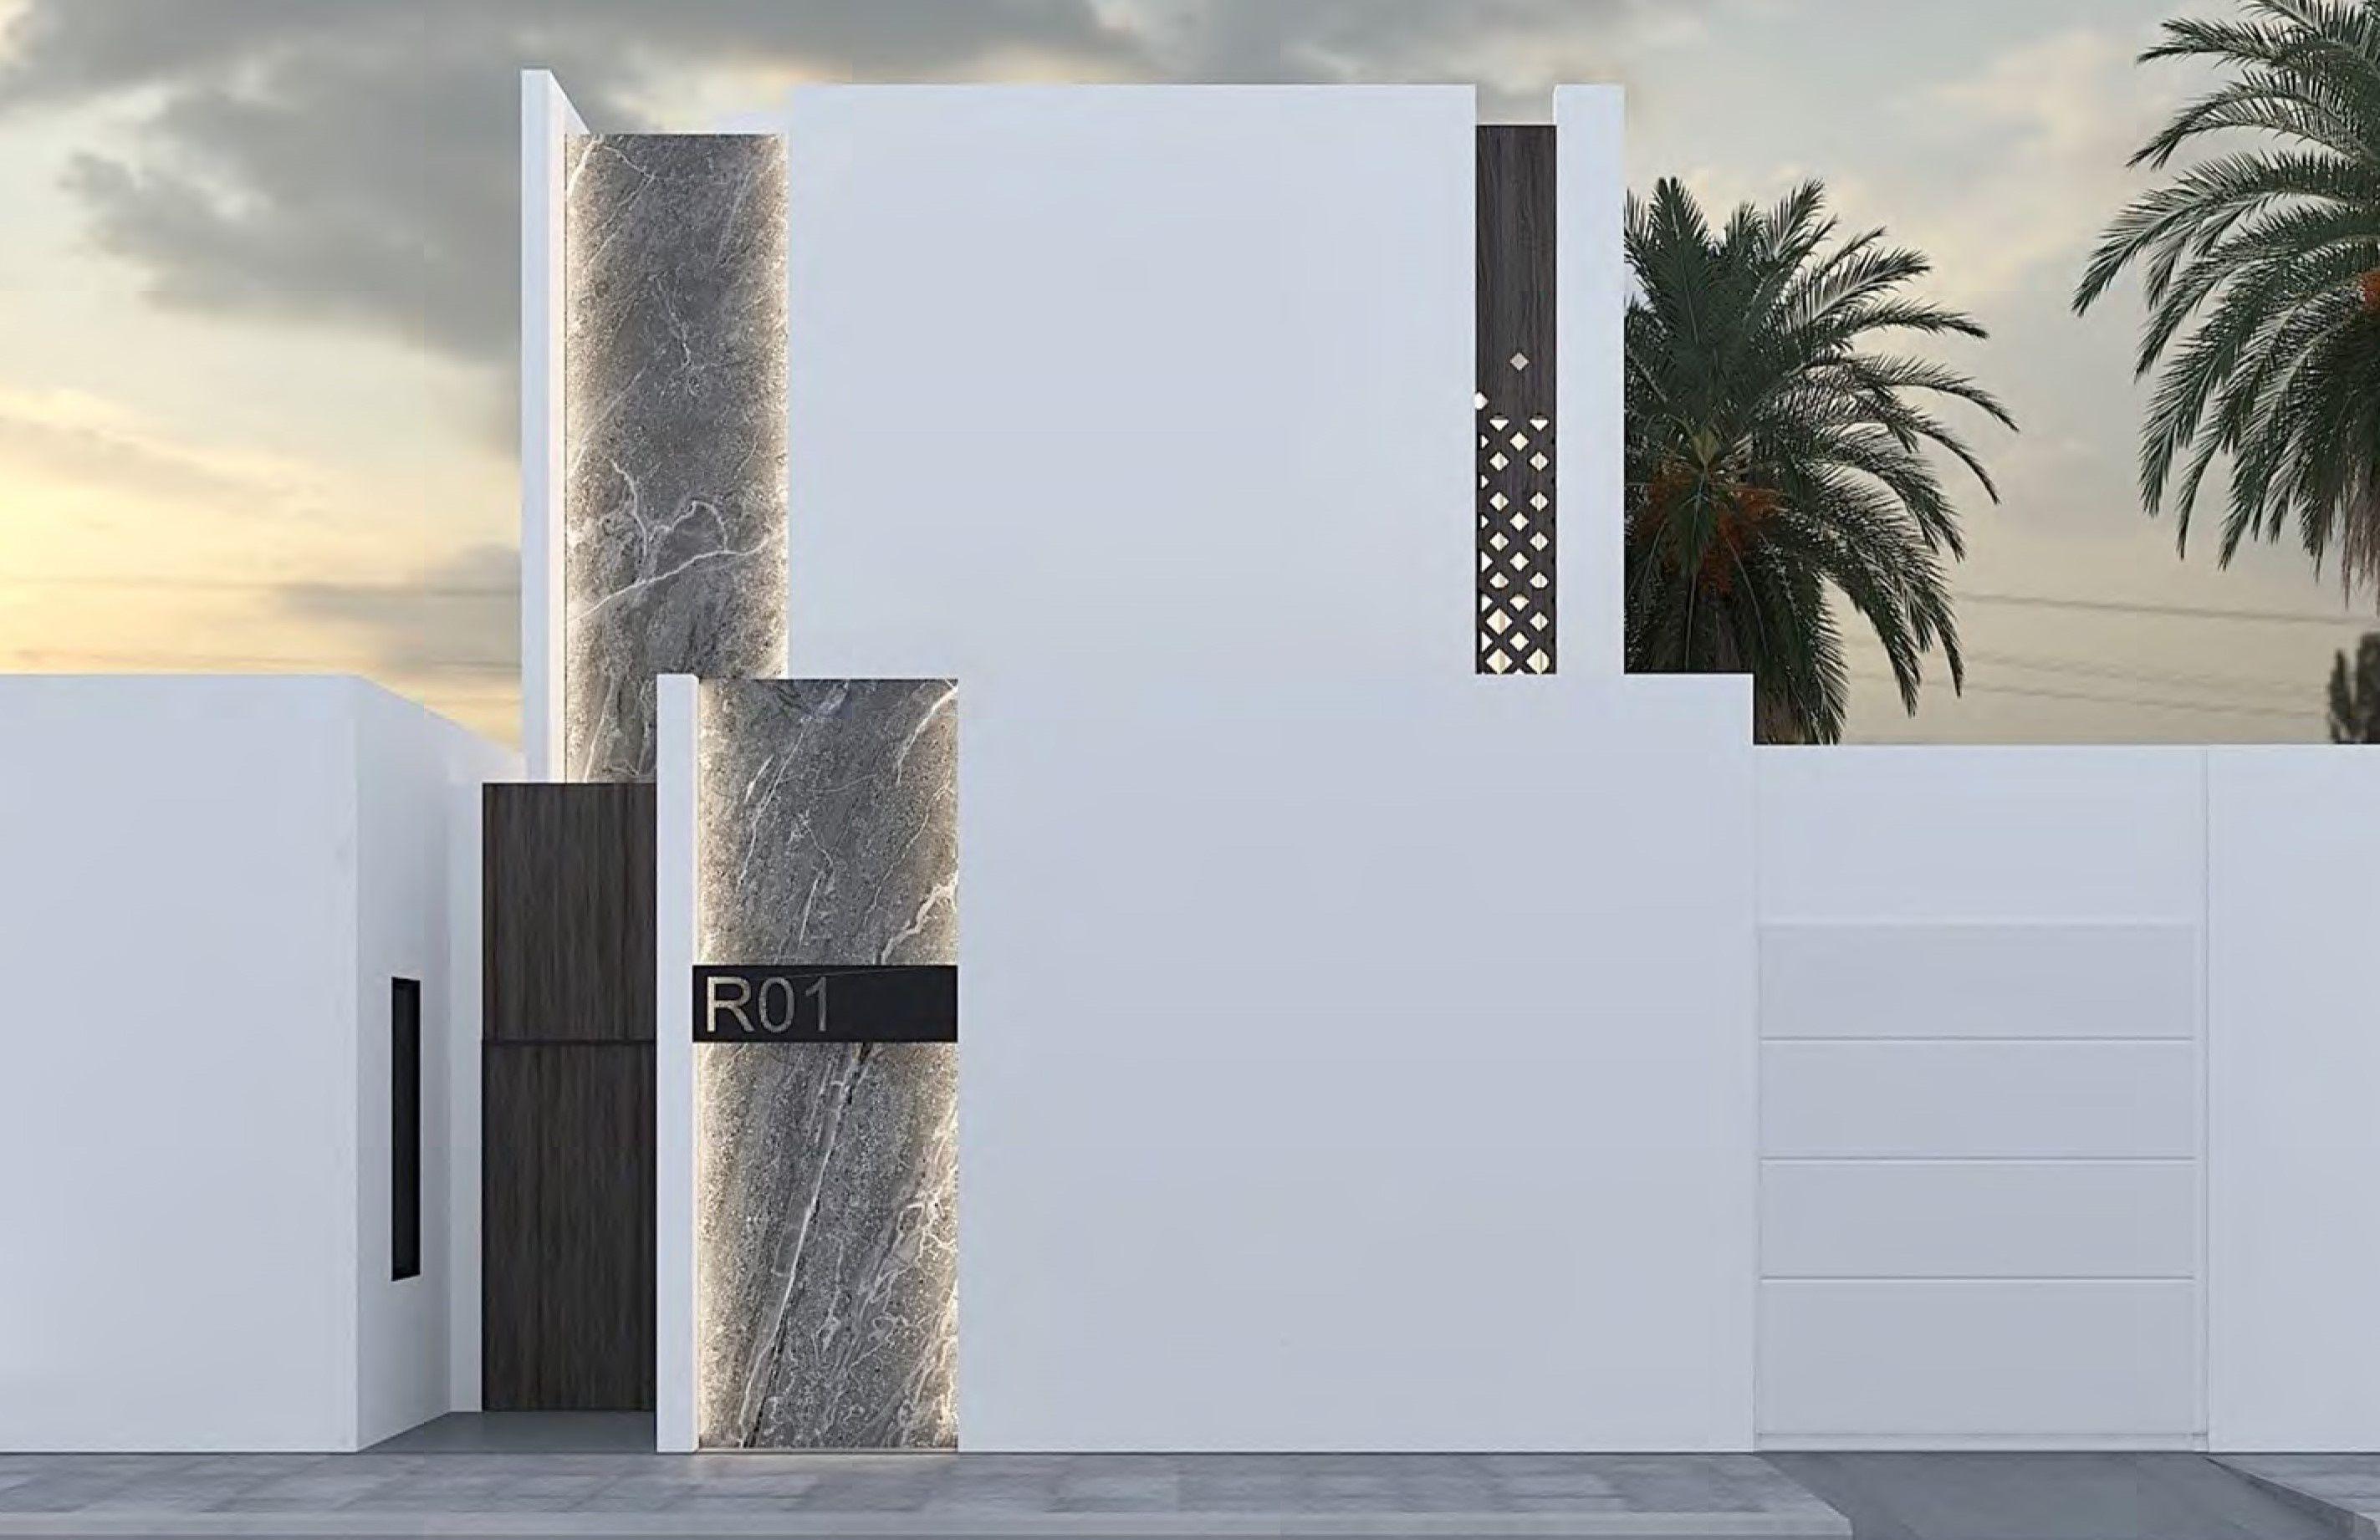 سكني Housing Designs Design Willis Tower Building